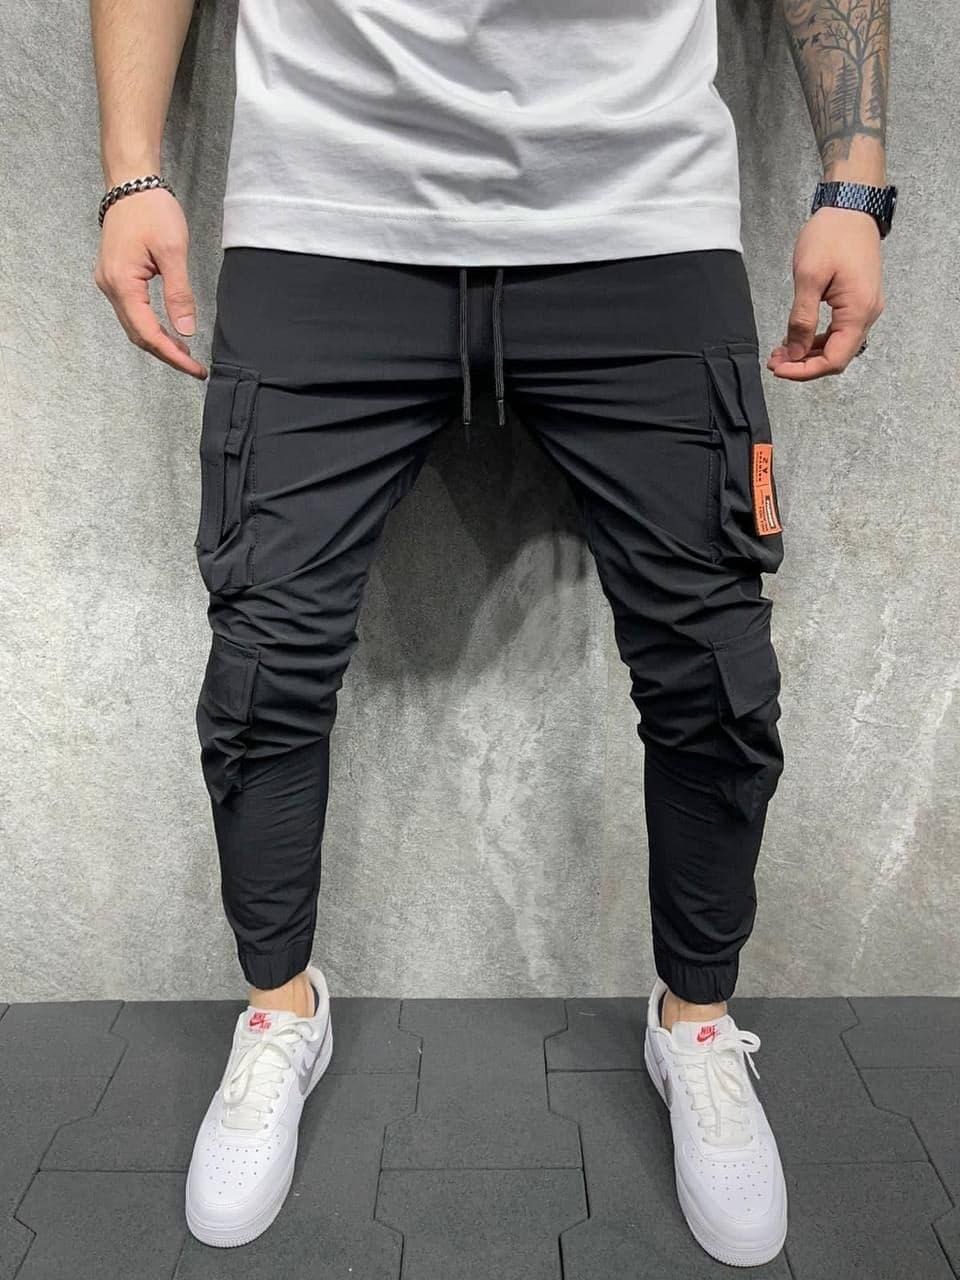 Мужские спортивные штаны (черные) с карманы по бокам, легкие зауженные на лето s8051